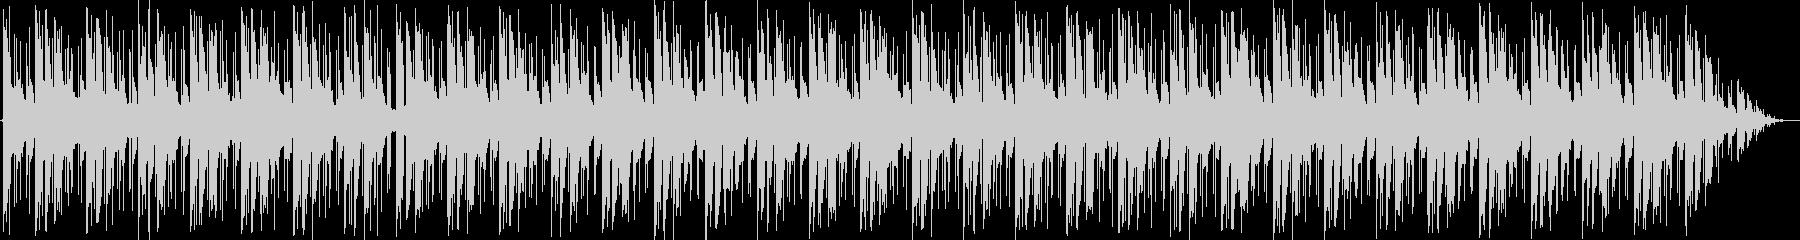 無機質なエレクトロの未再生の波形